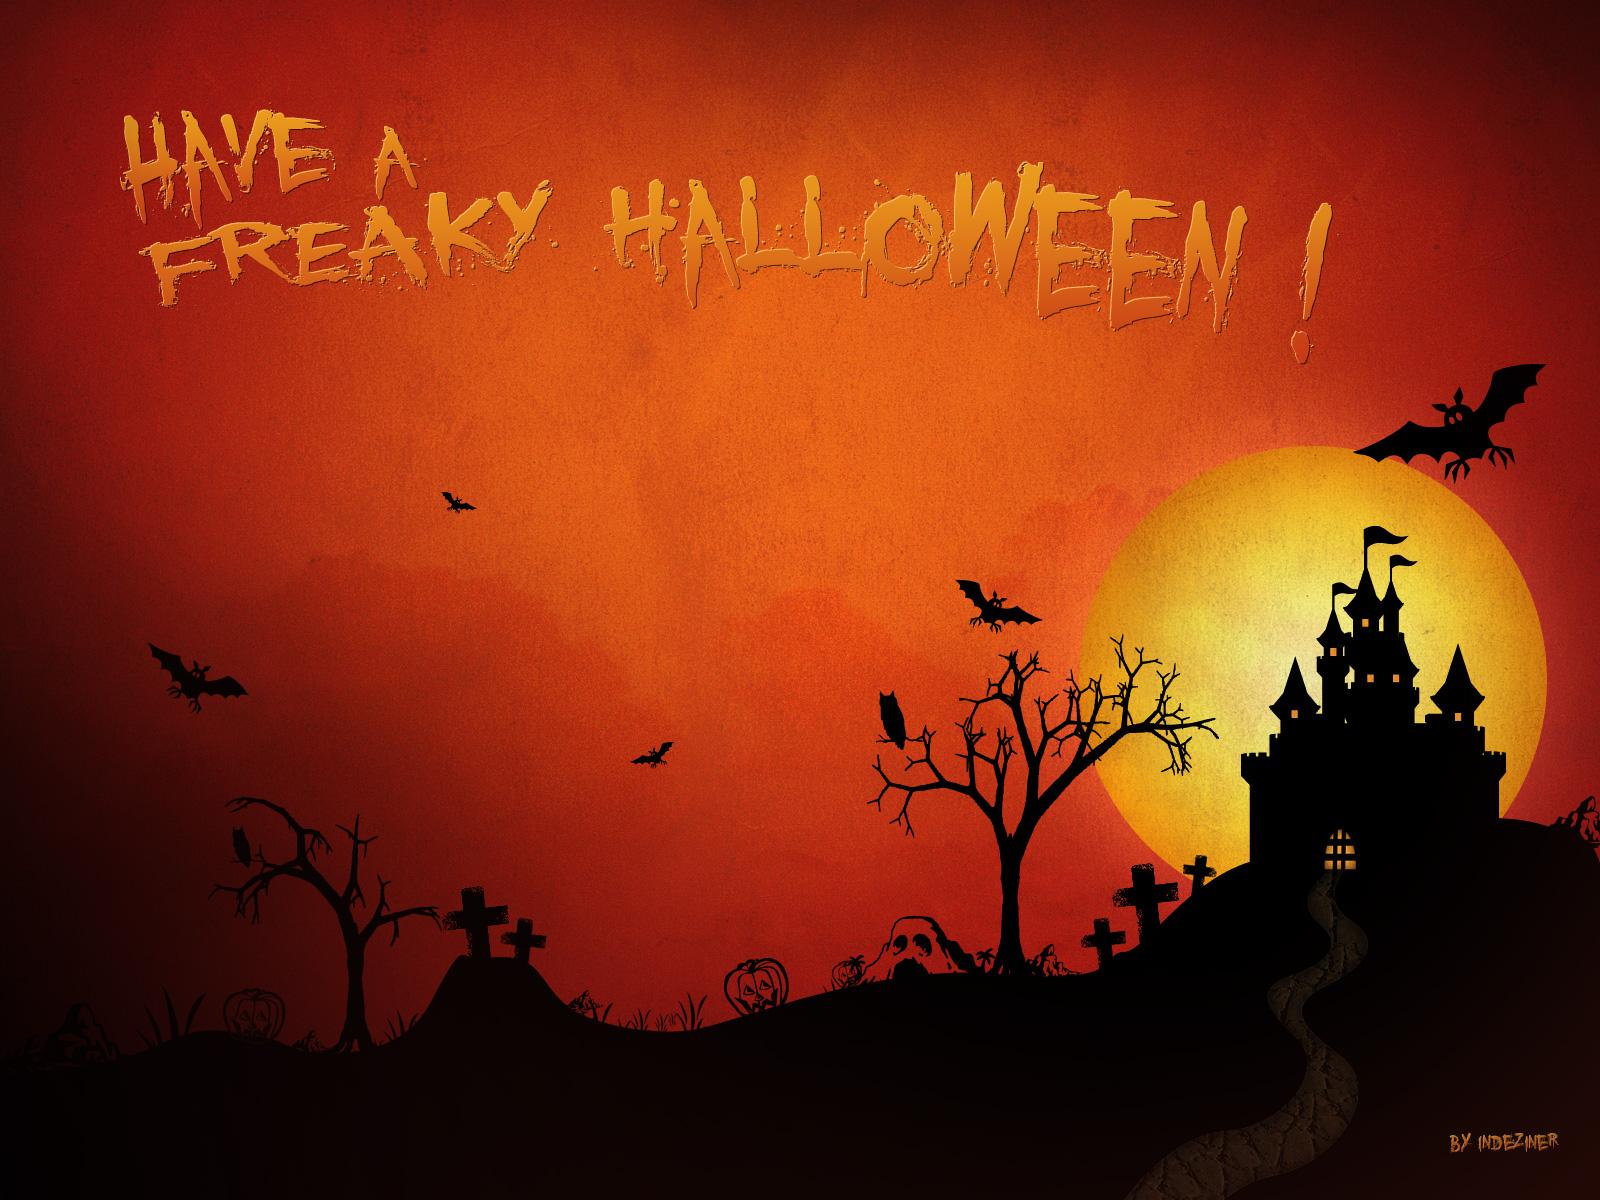 http://4.bp.blogspot.com/--9fK5gBzp9o/TqlCPG7kU4I/AAAAAAAAAMQ/DjTQqpZE8FE/s1600/Halloween_Wallpapers15.jpg